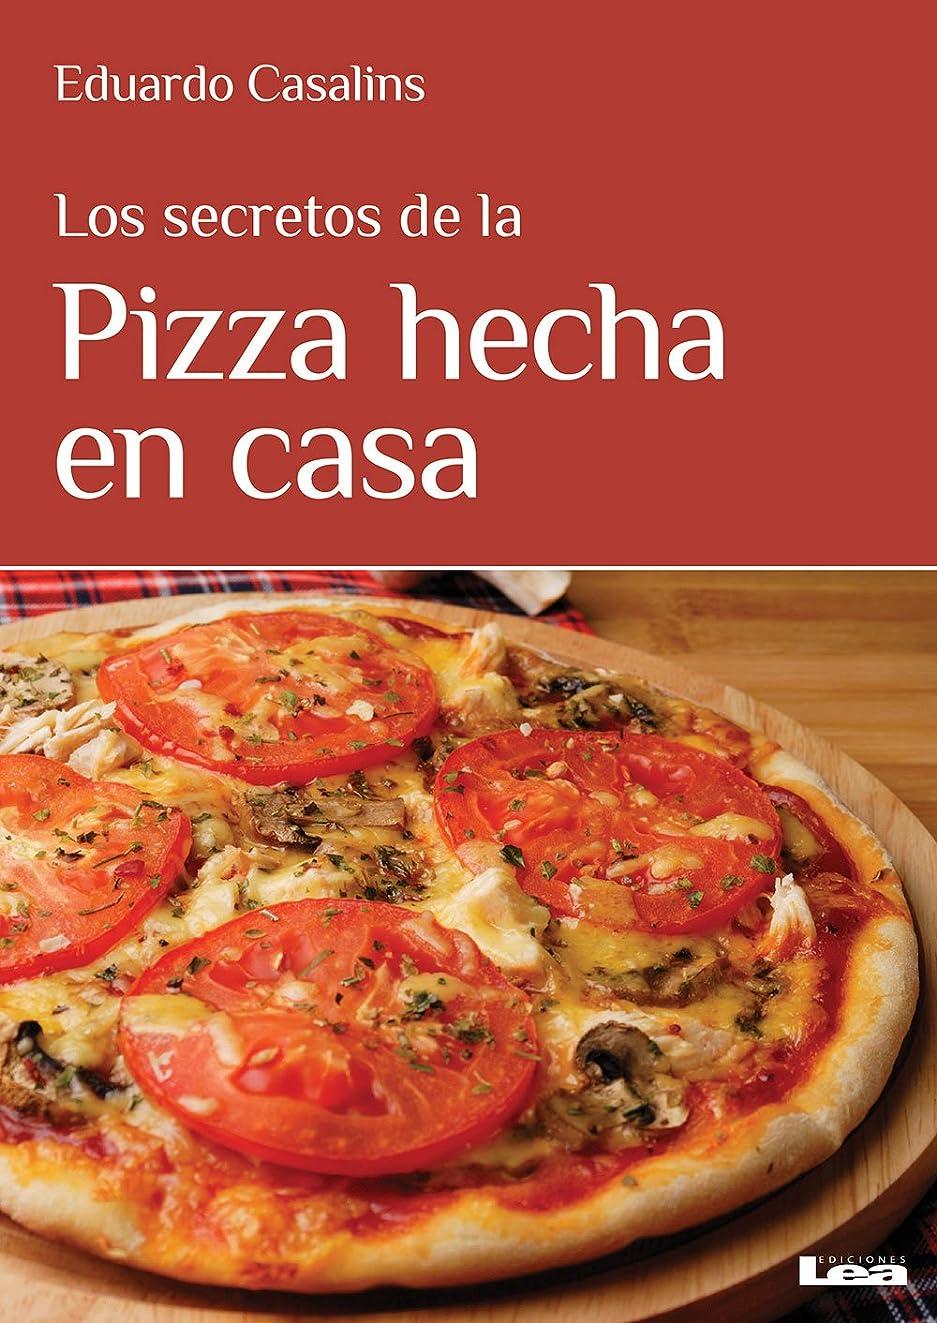 Los secretos de la pizza hecha en casa (Spanish Edition)